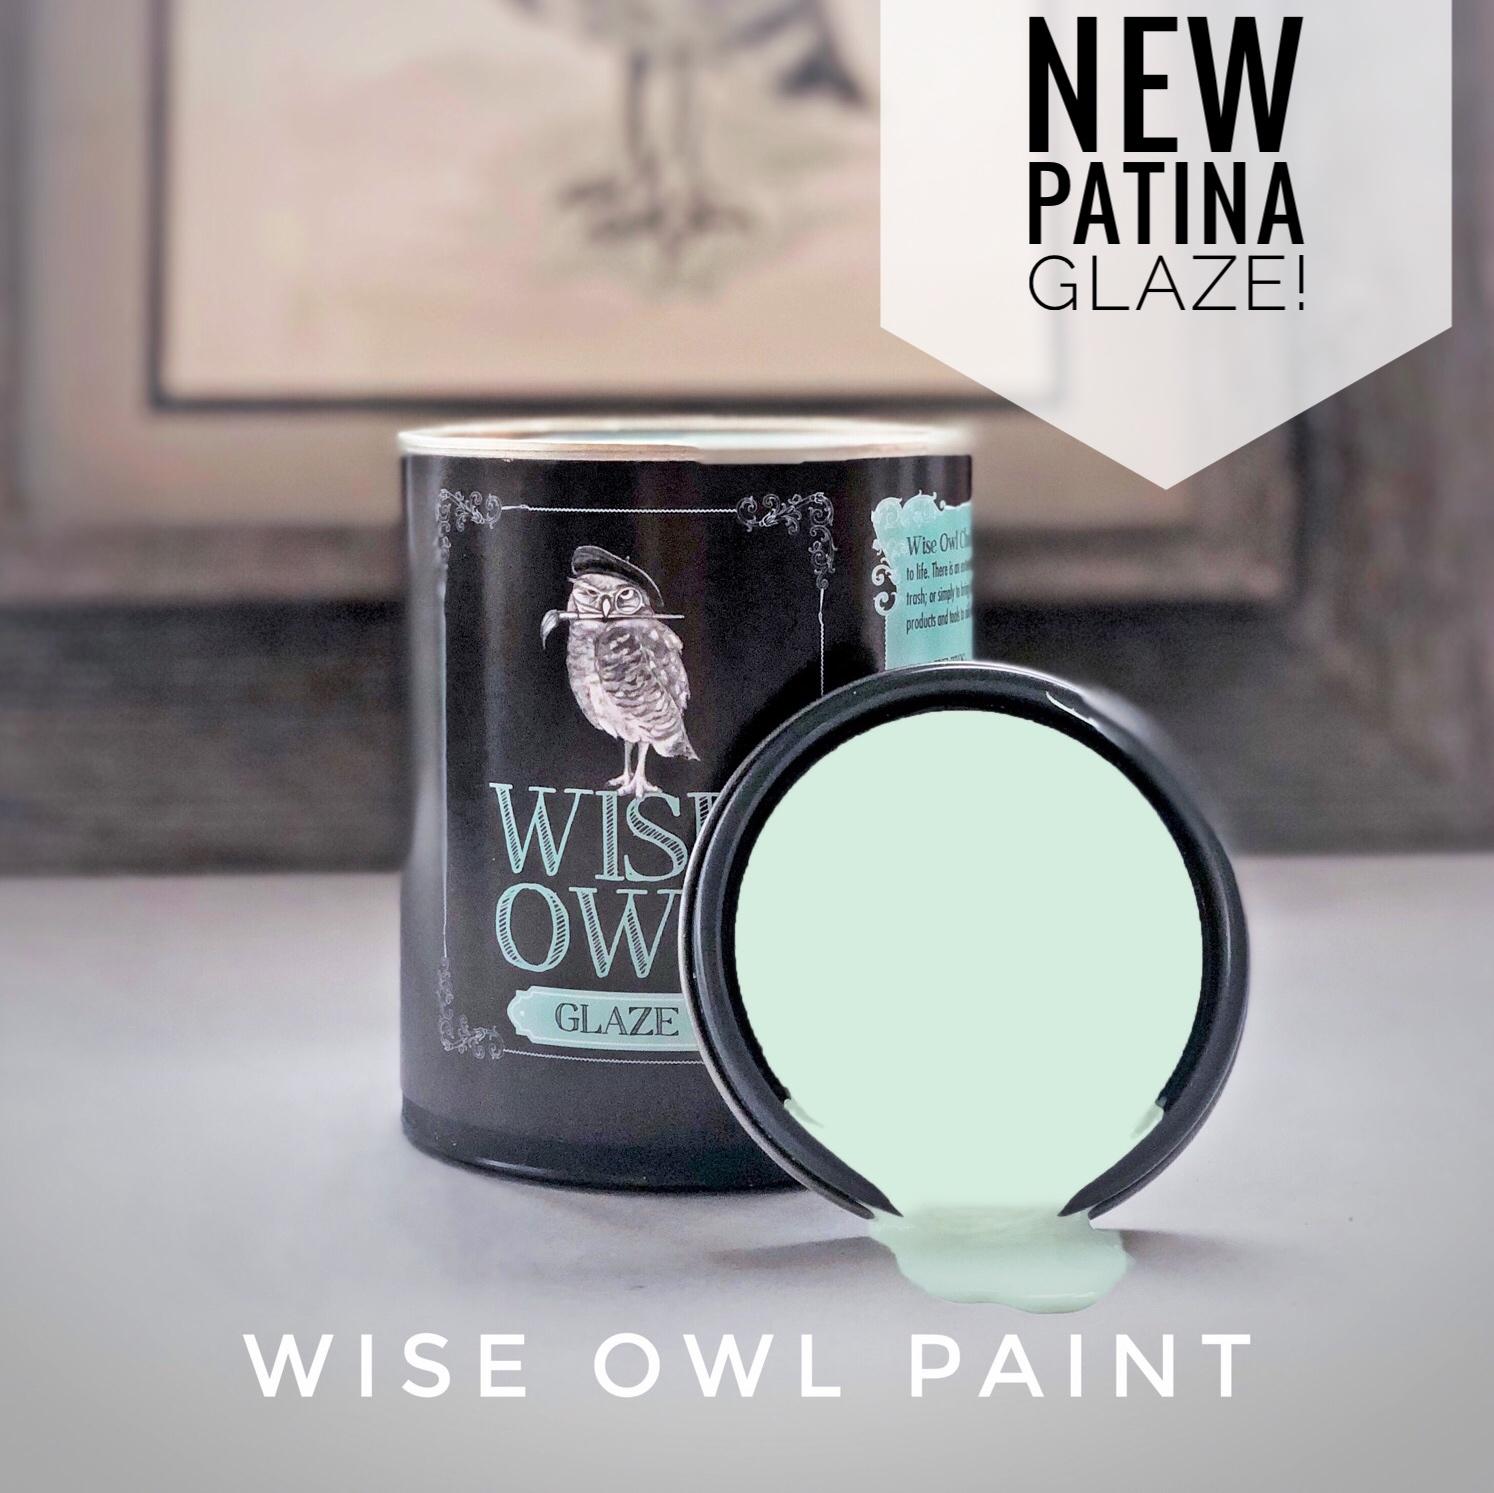 Wise Owl Glaze GLAZE